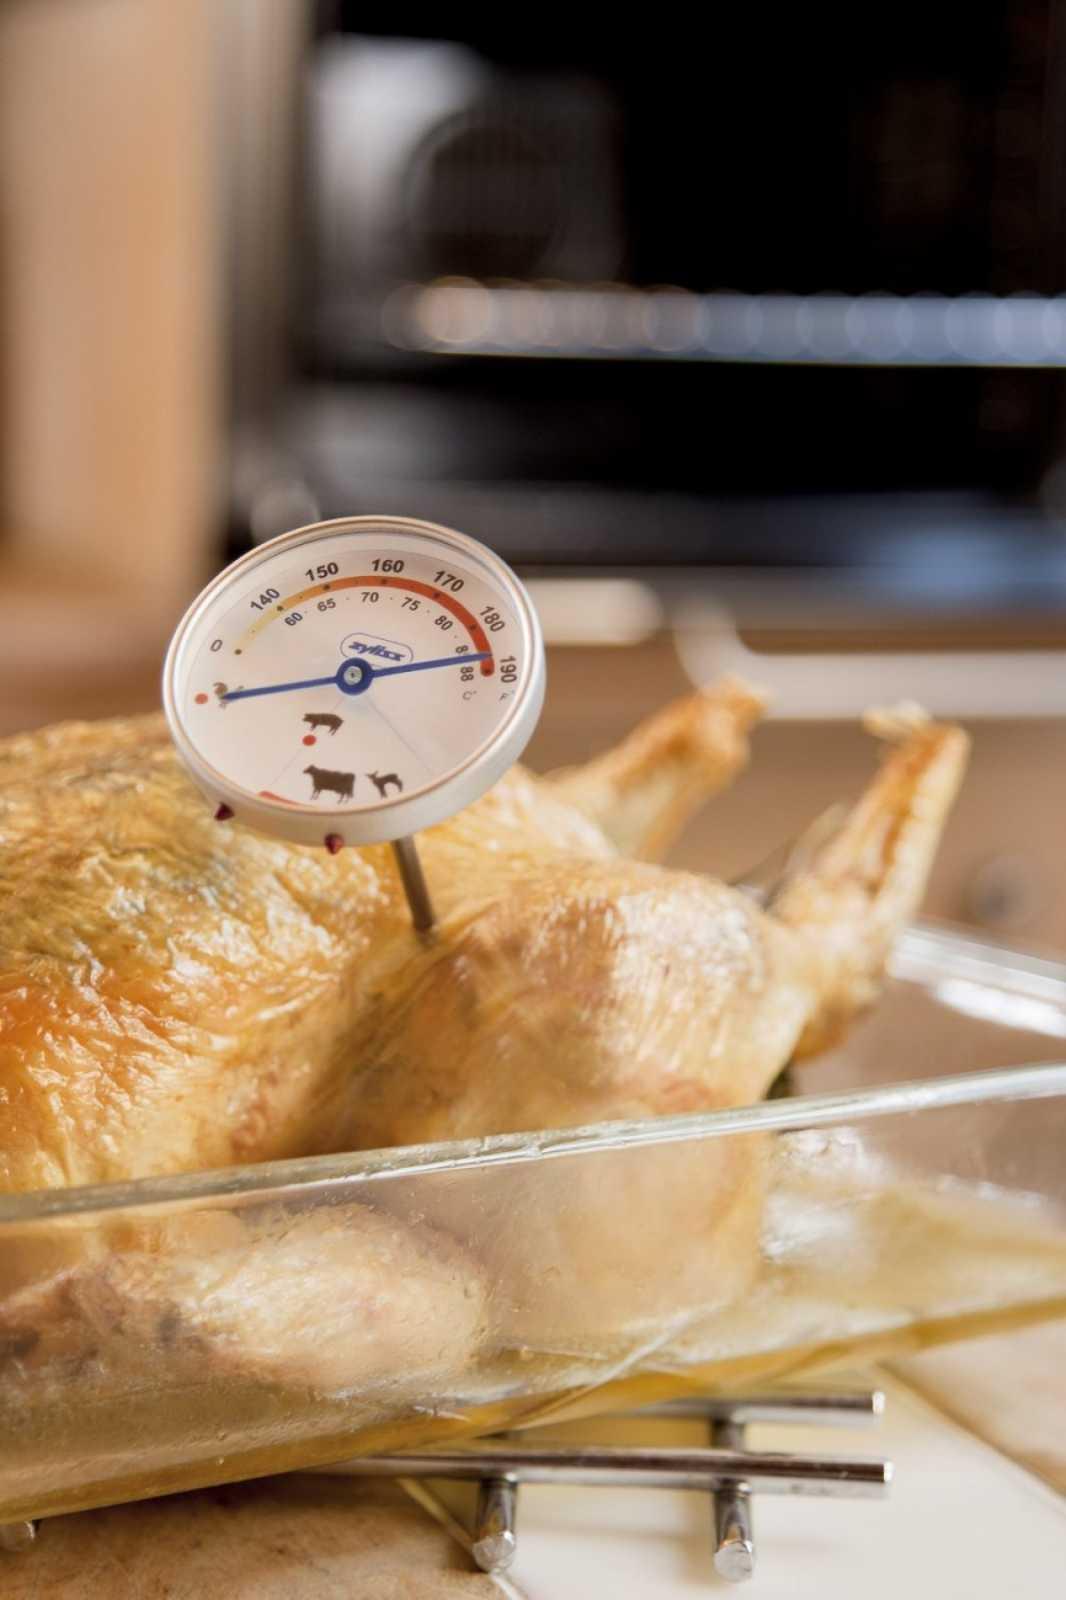 Онлайн каталог PROMENU: Термометр для мяса                                   E25520